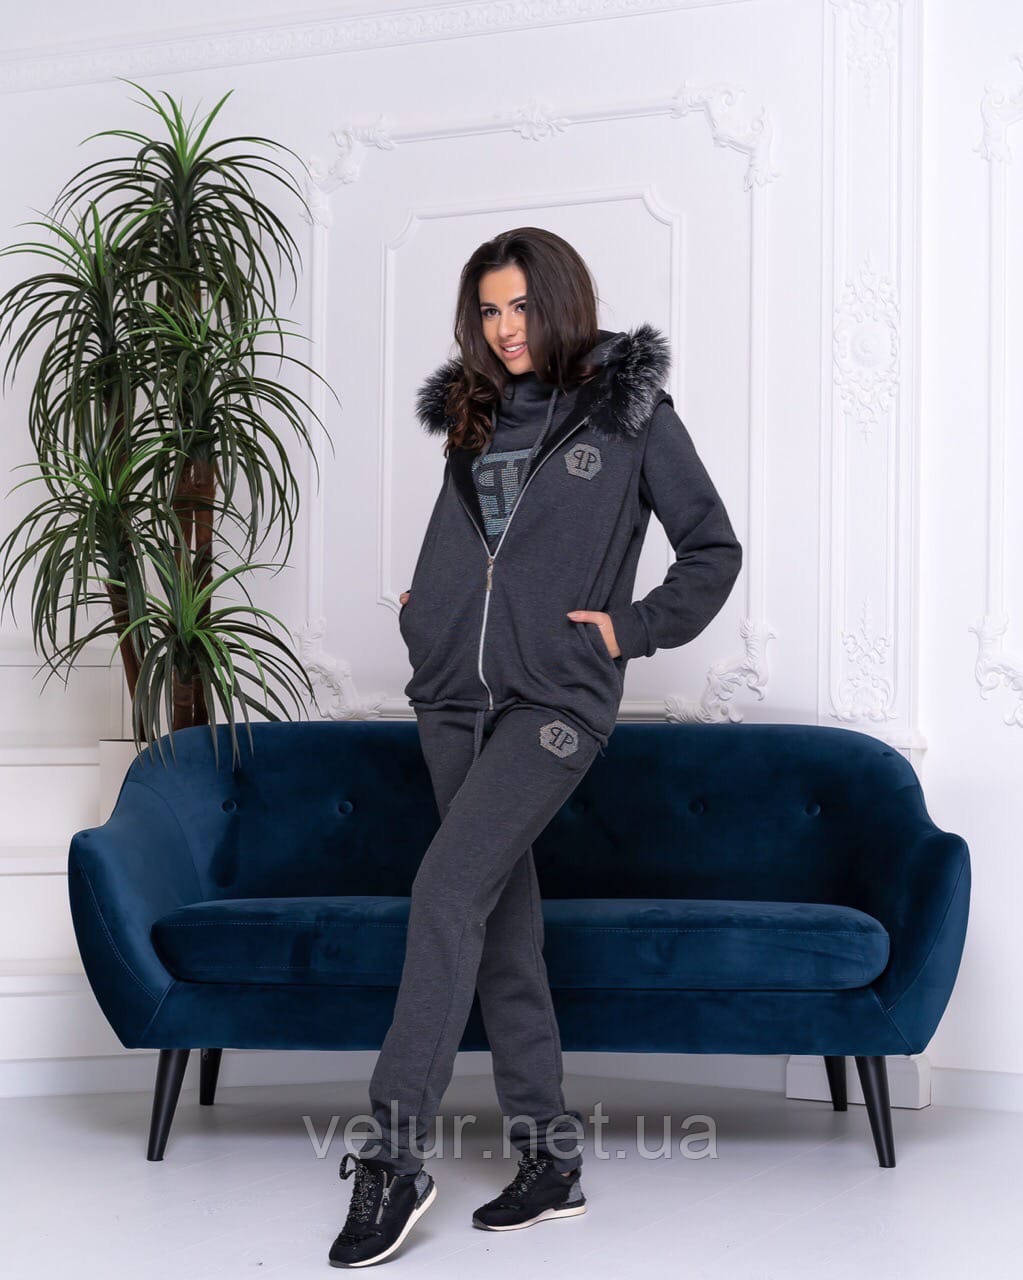 Женский теплый спортивный костюм с жилетом, 2 цвета, Размеры 42,44,46 норма , батал 48,50,52,54